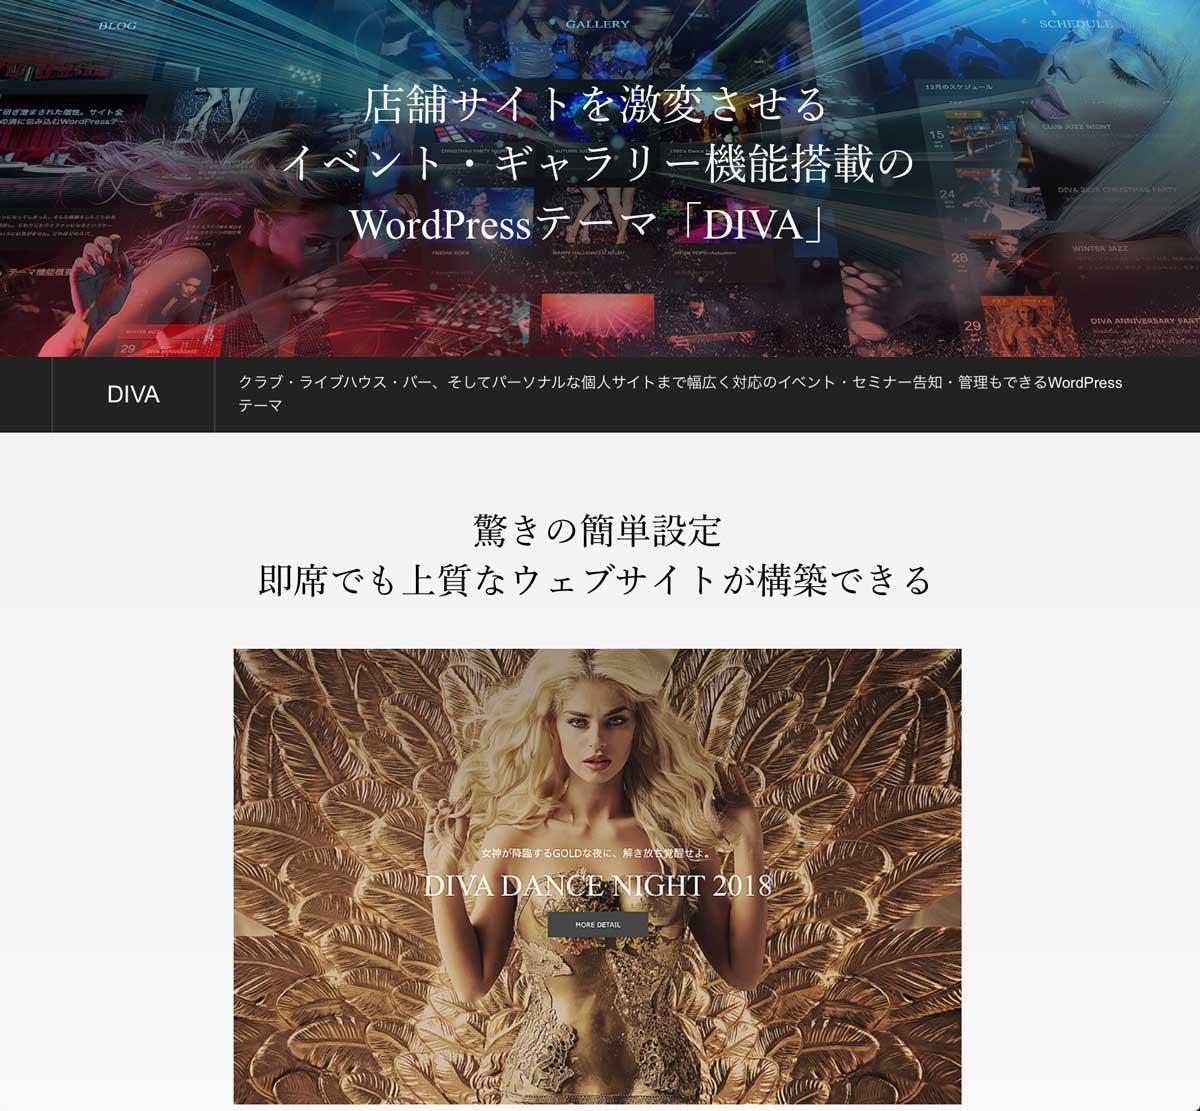 DIVAは、店舗サイトを激変させるイベント・ギャラリー機能搭載のWordPressテーマ wordpress_free_themes_tcd066_01